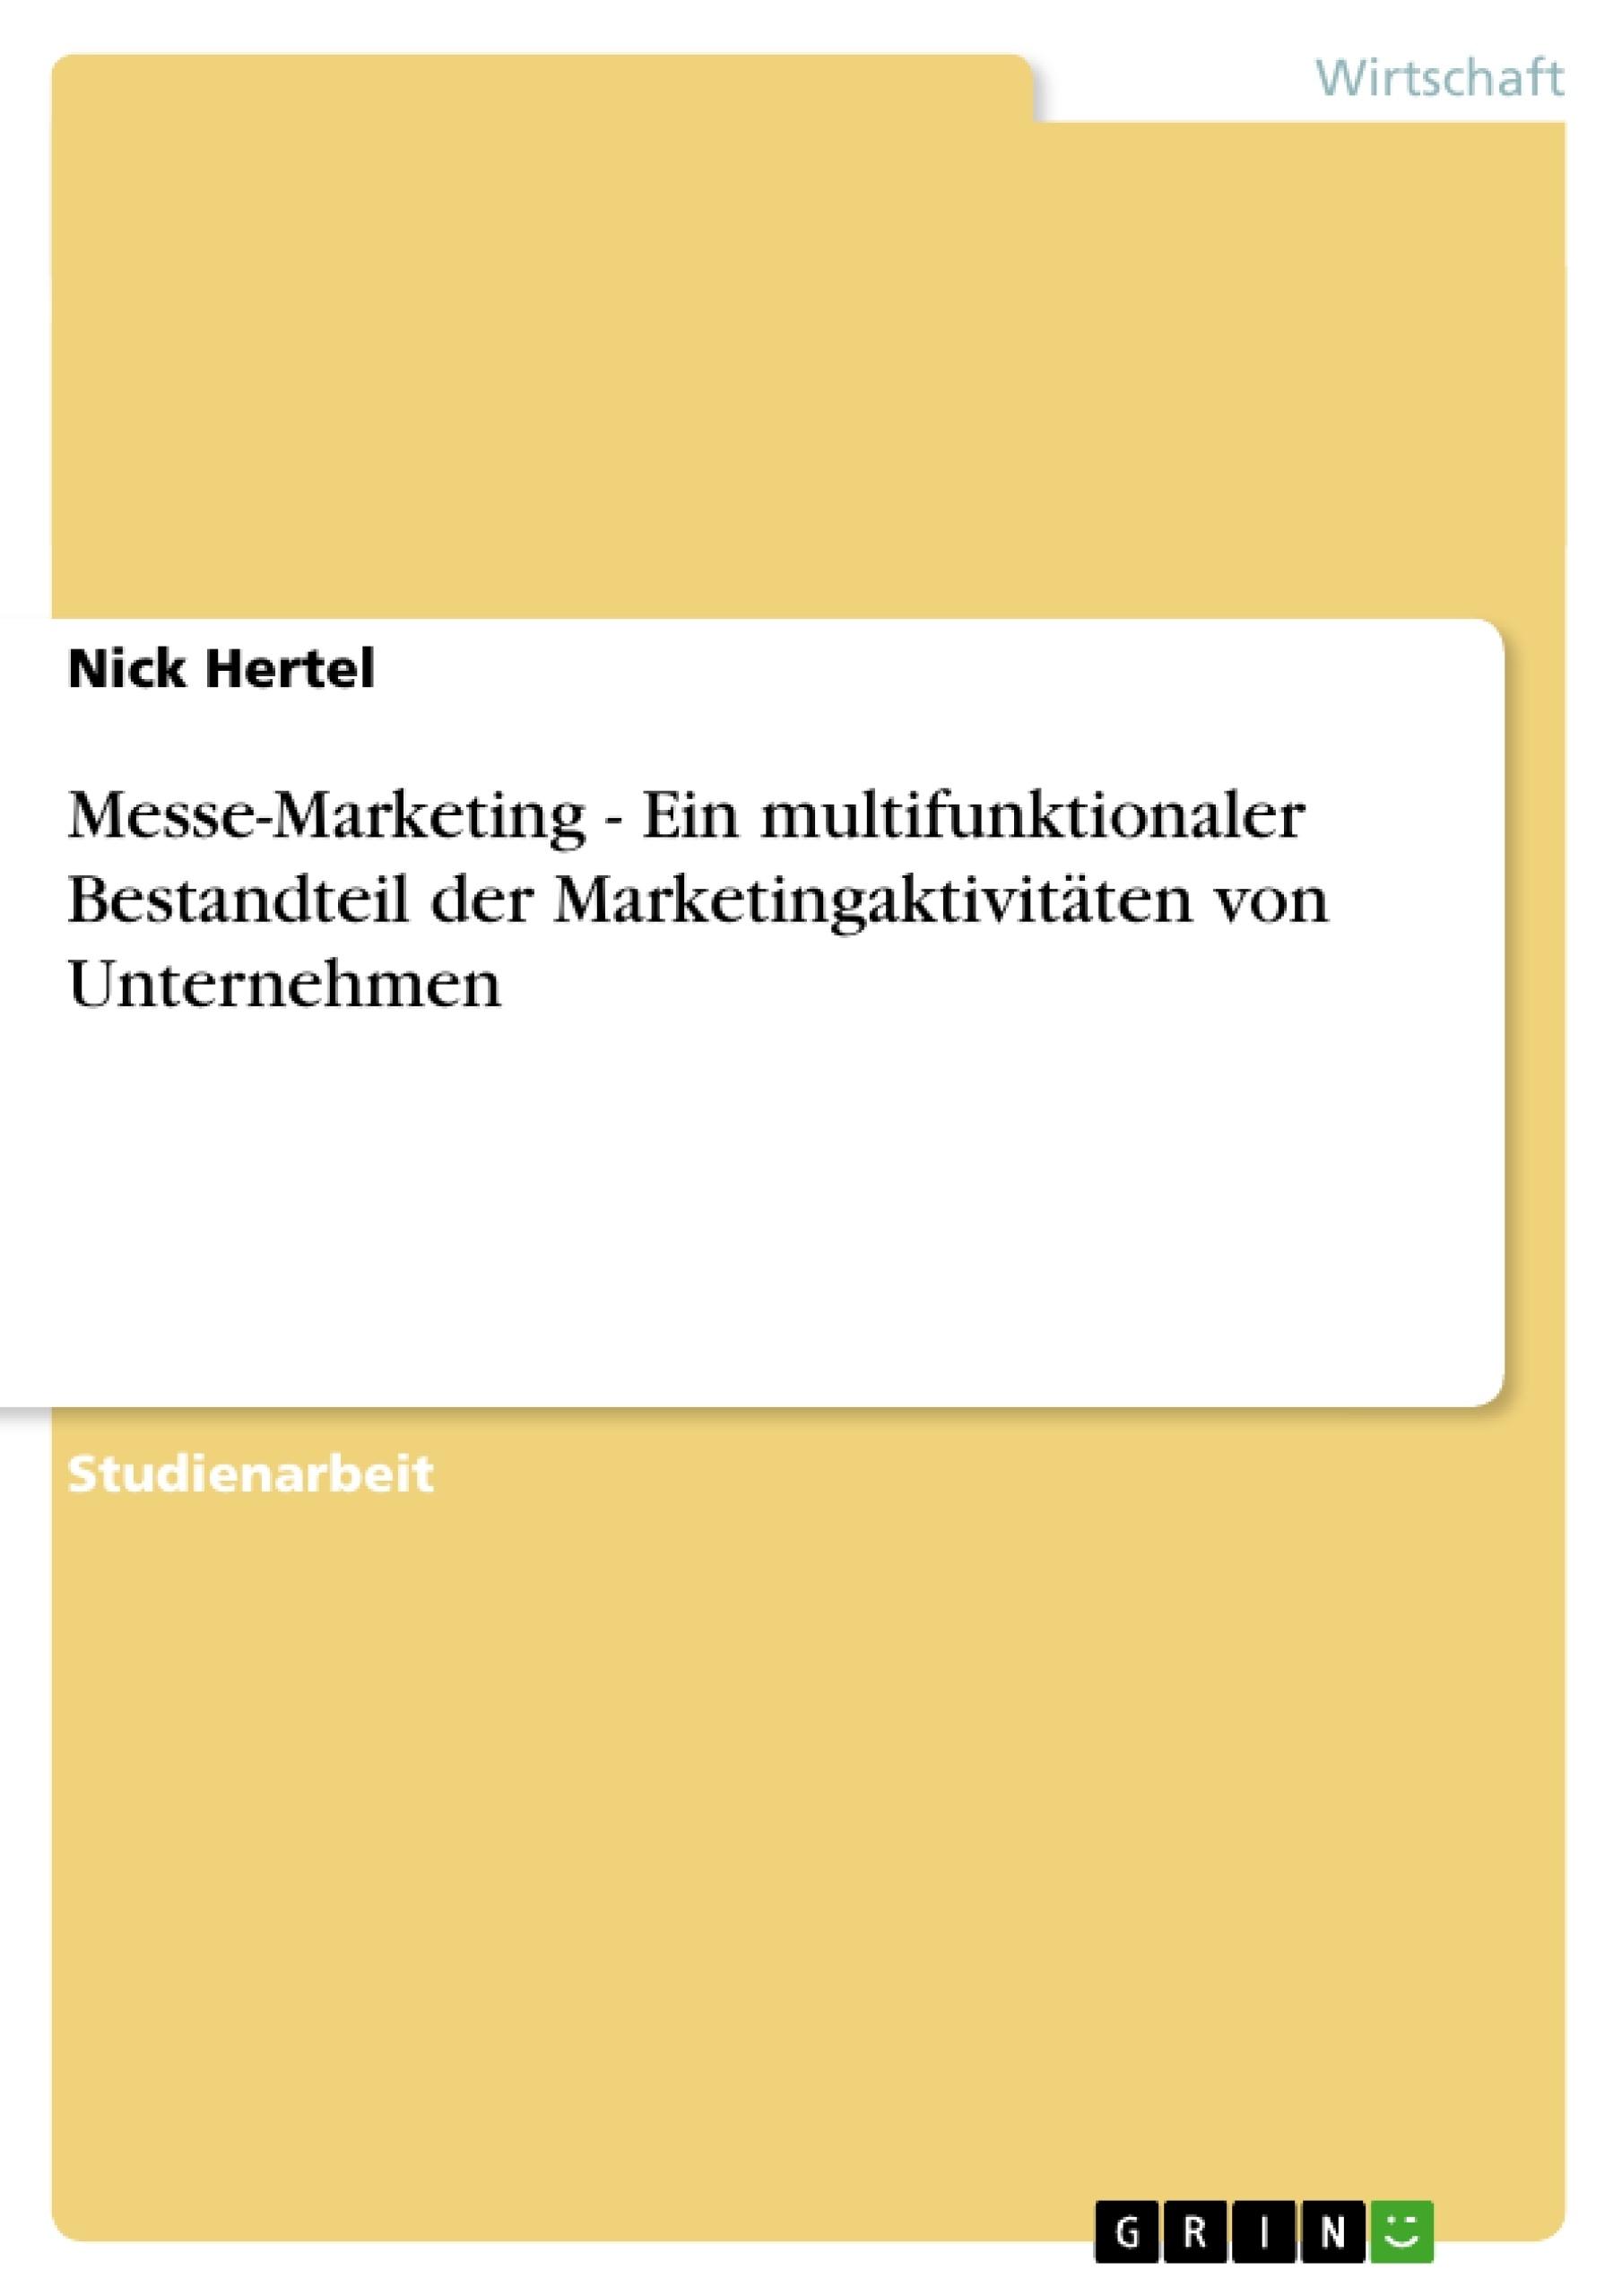 Titel: Messe-Marketing - Ein multifunktionaler Bestandteil der Marketingaktivitäten von Unternehmen